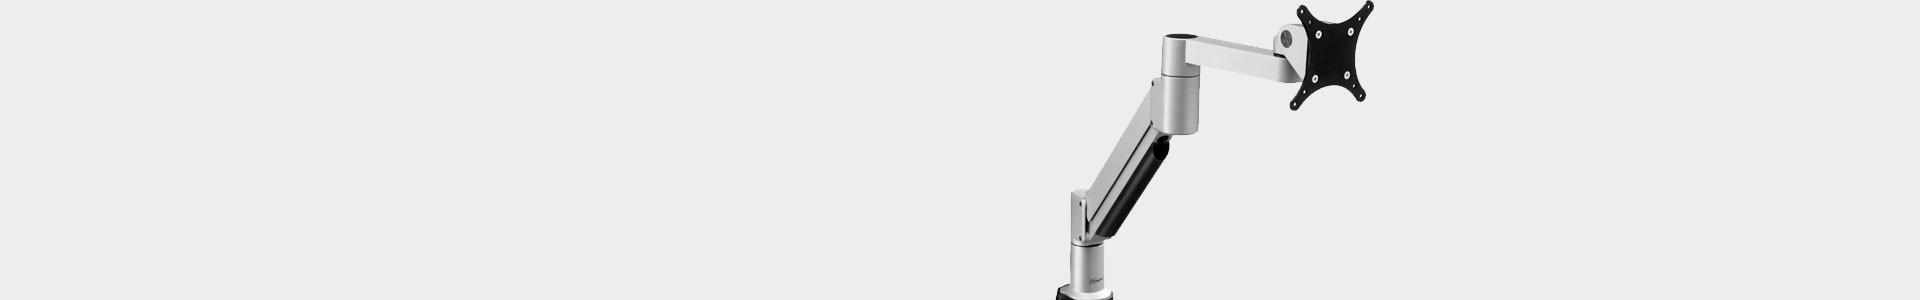 Supporti da Tavola per Schermi piatti professionali - Avacab